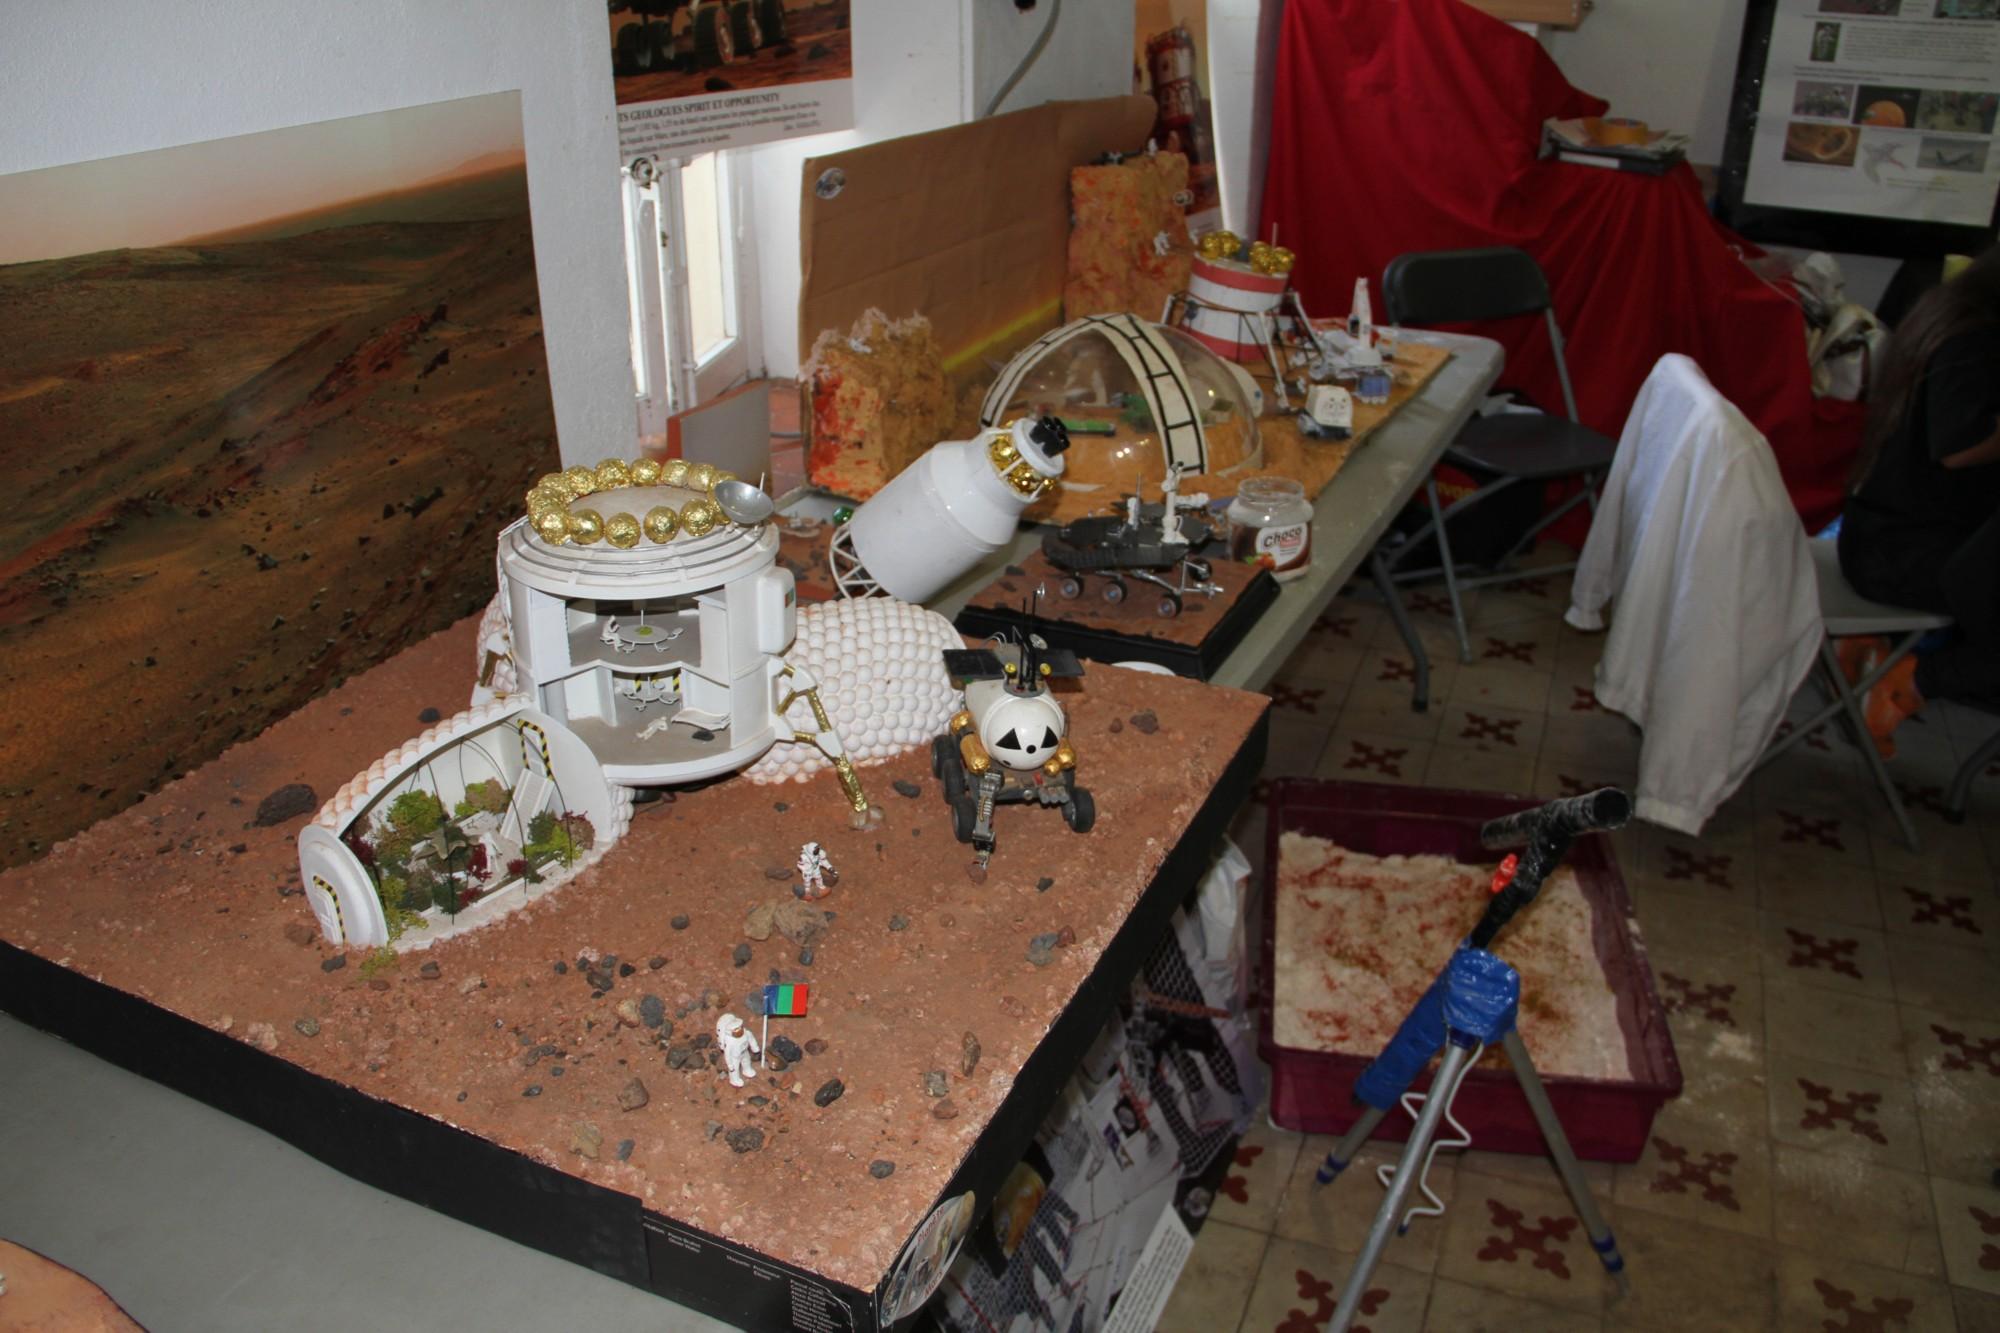 15 09 12 - 17h 15m 58s - auriol à la rencontre de l'espace r